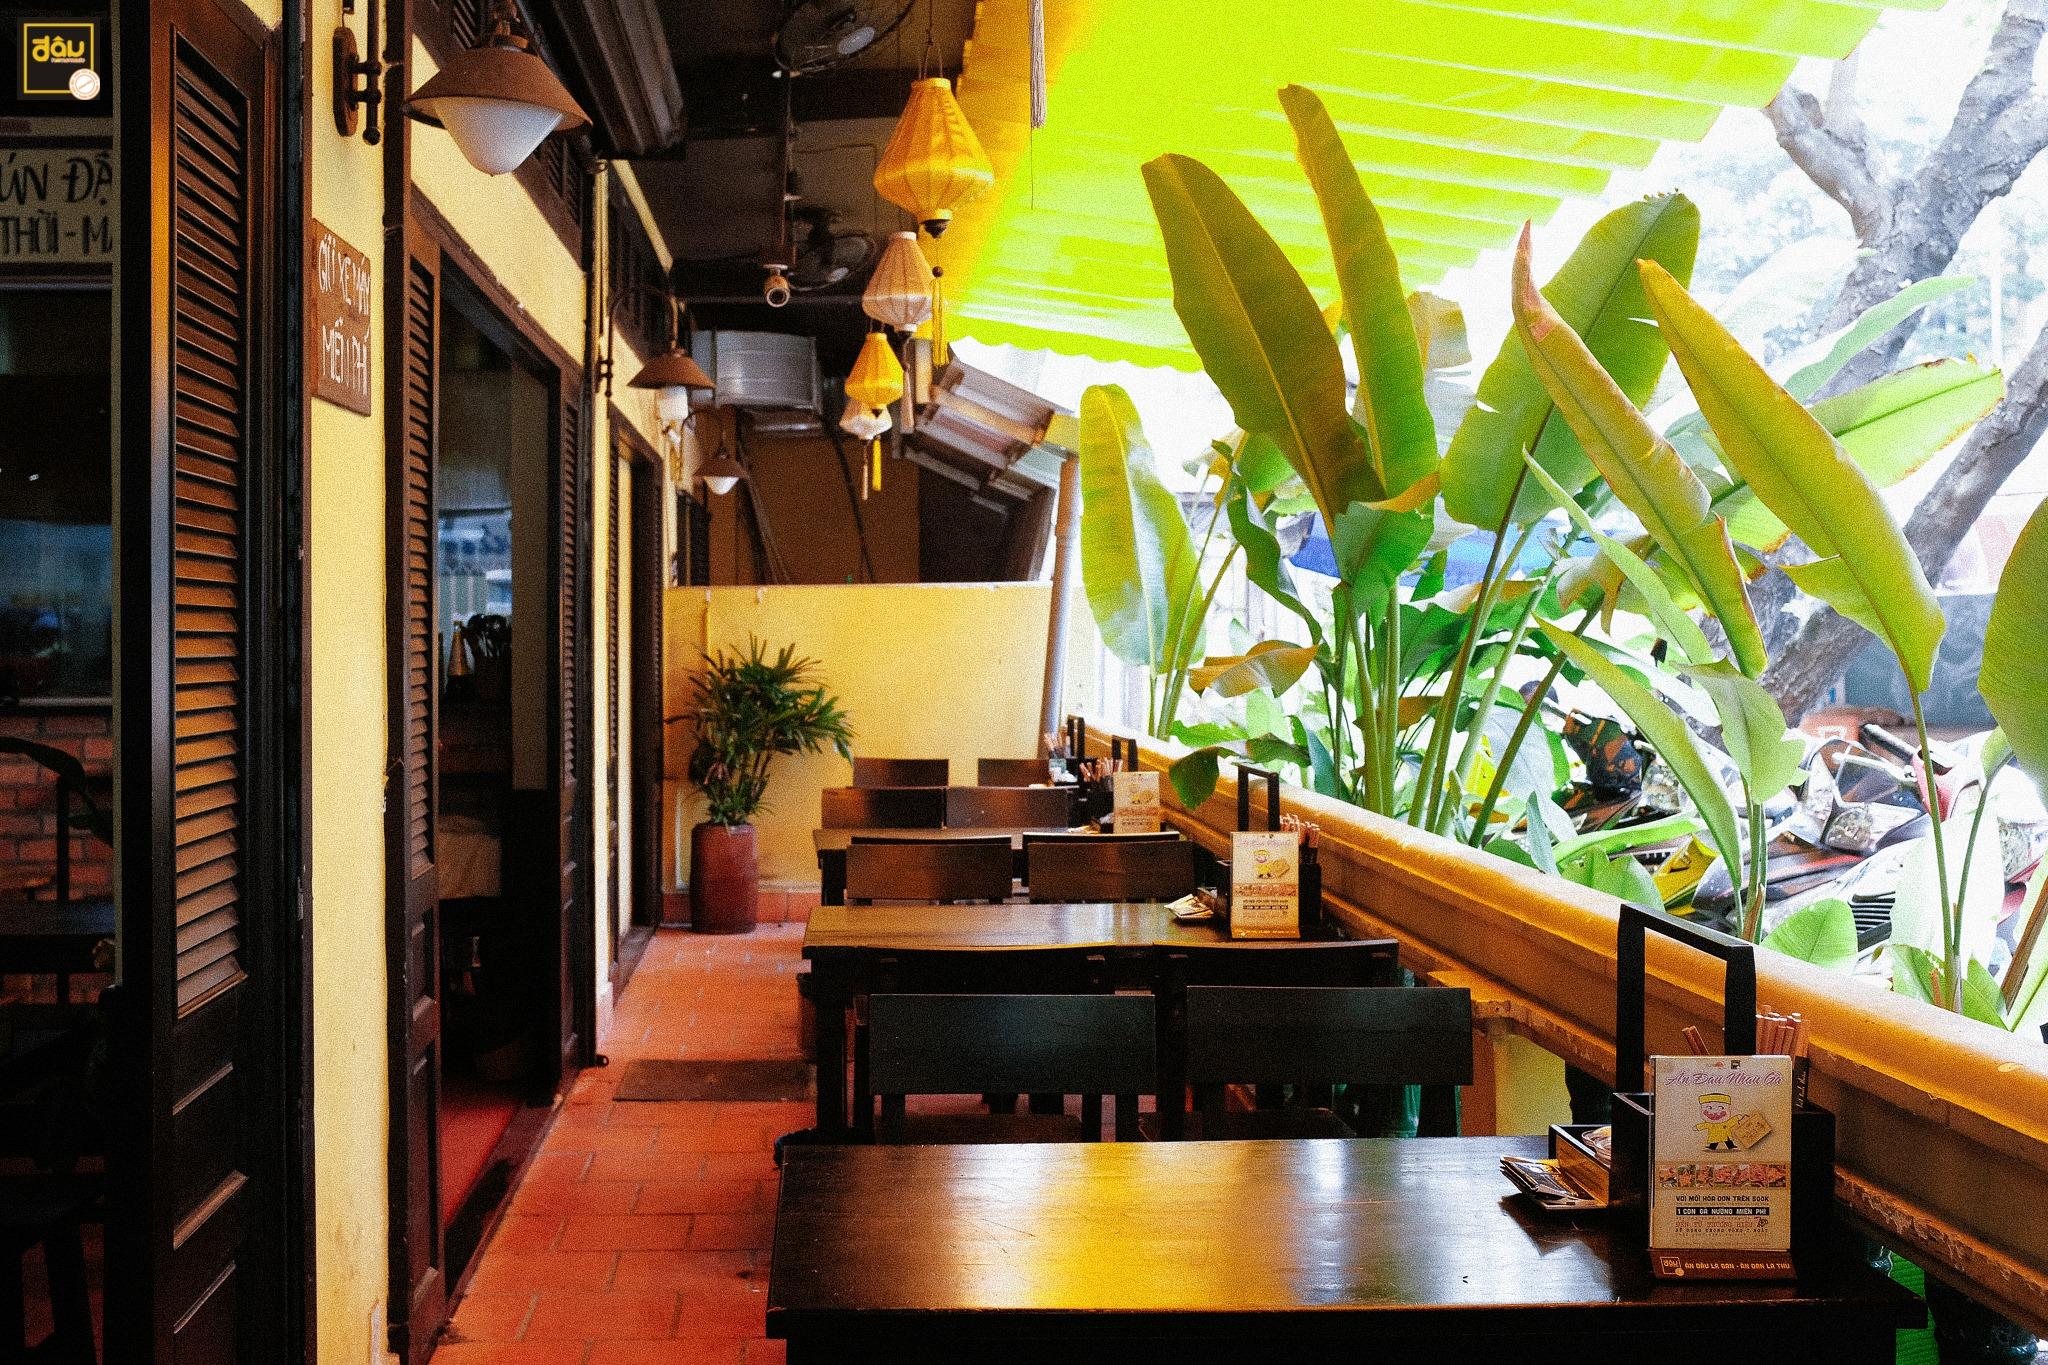 Top 10 quán ăn ngon quận 4 nổi tiếng hút khách - 5